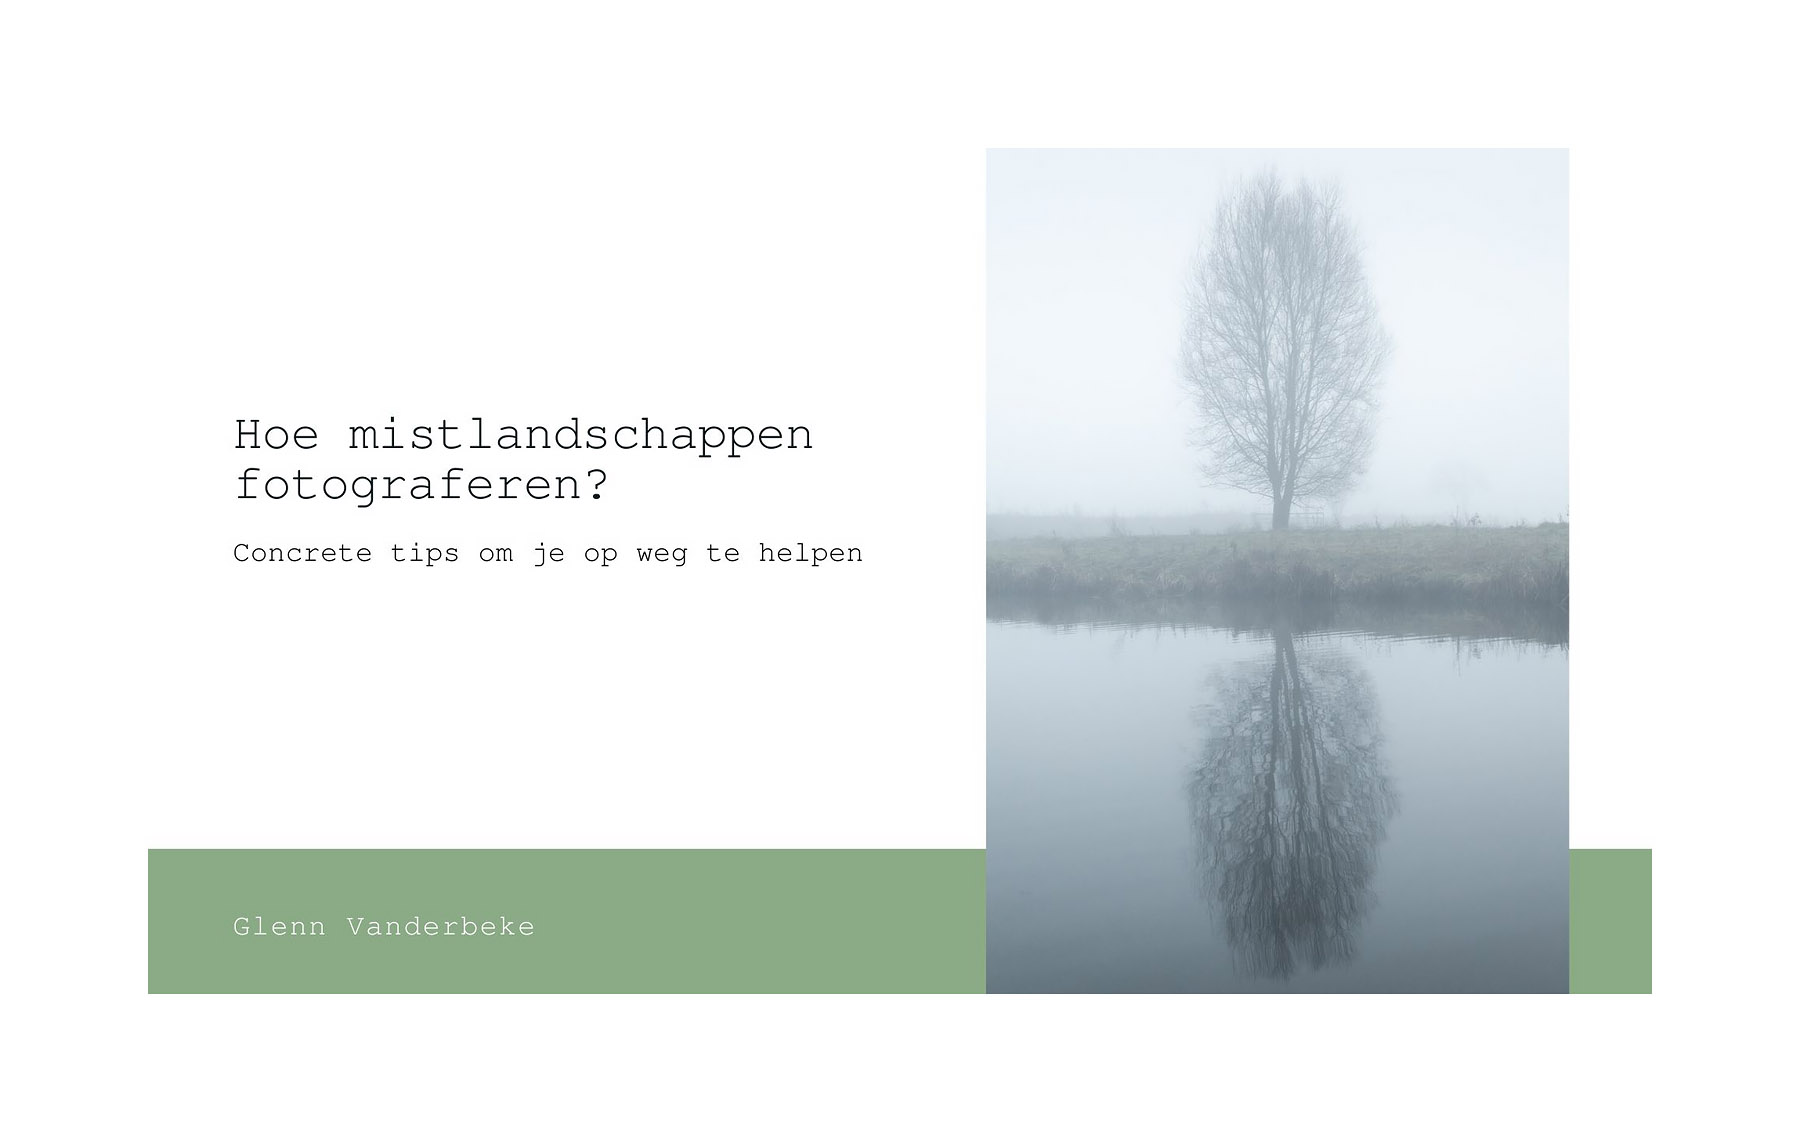 hoe mistlandschappen fotograferen, een gratis eBook van Glenn Vanderbeke